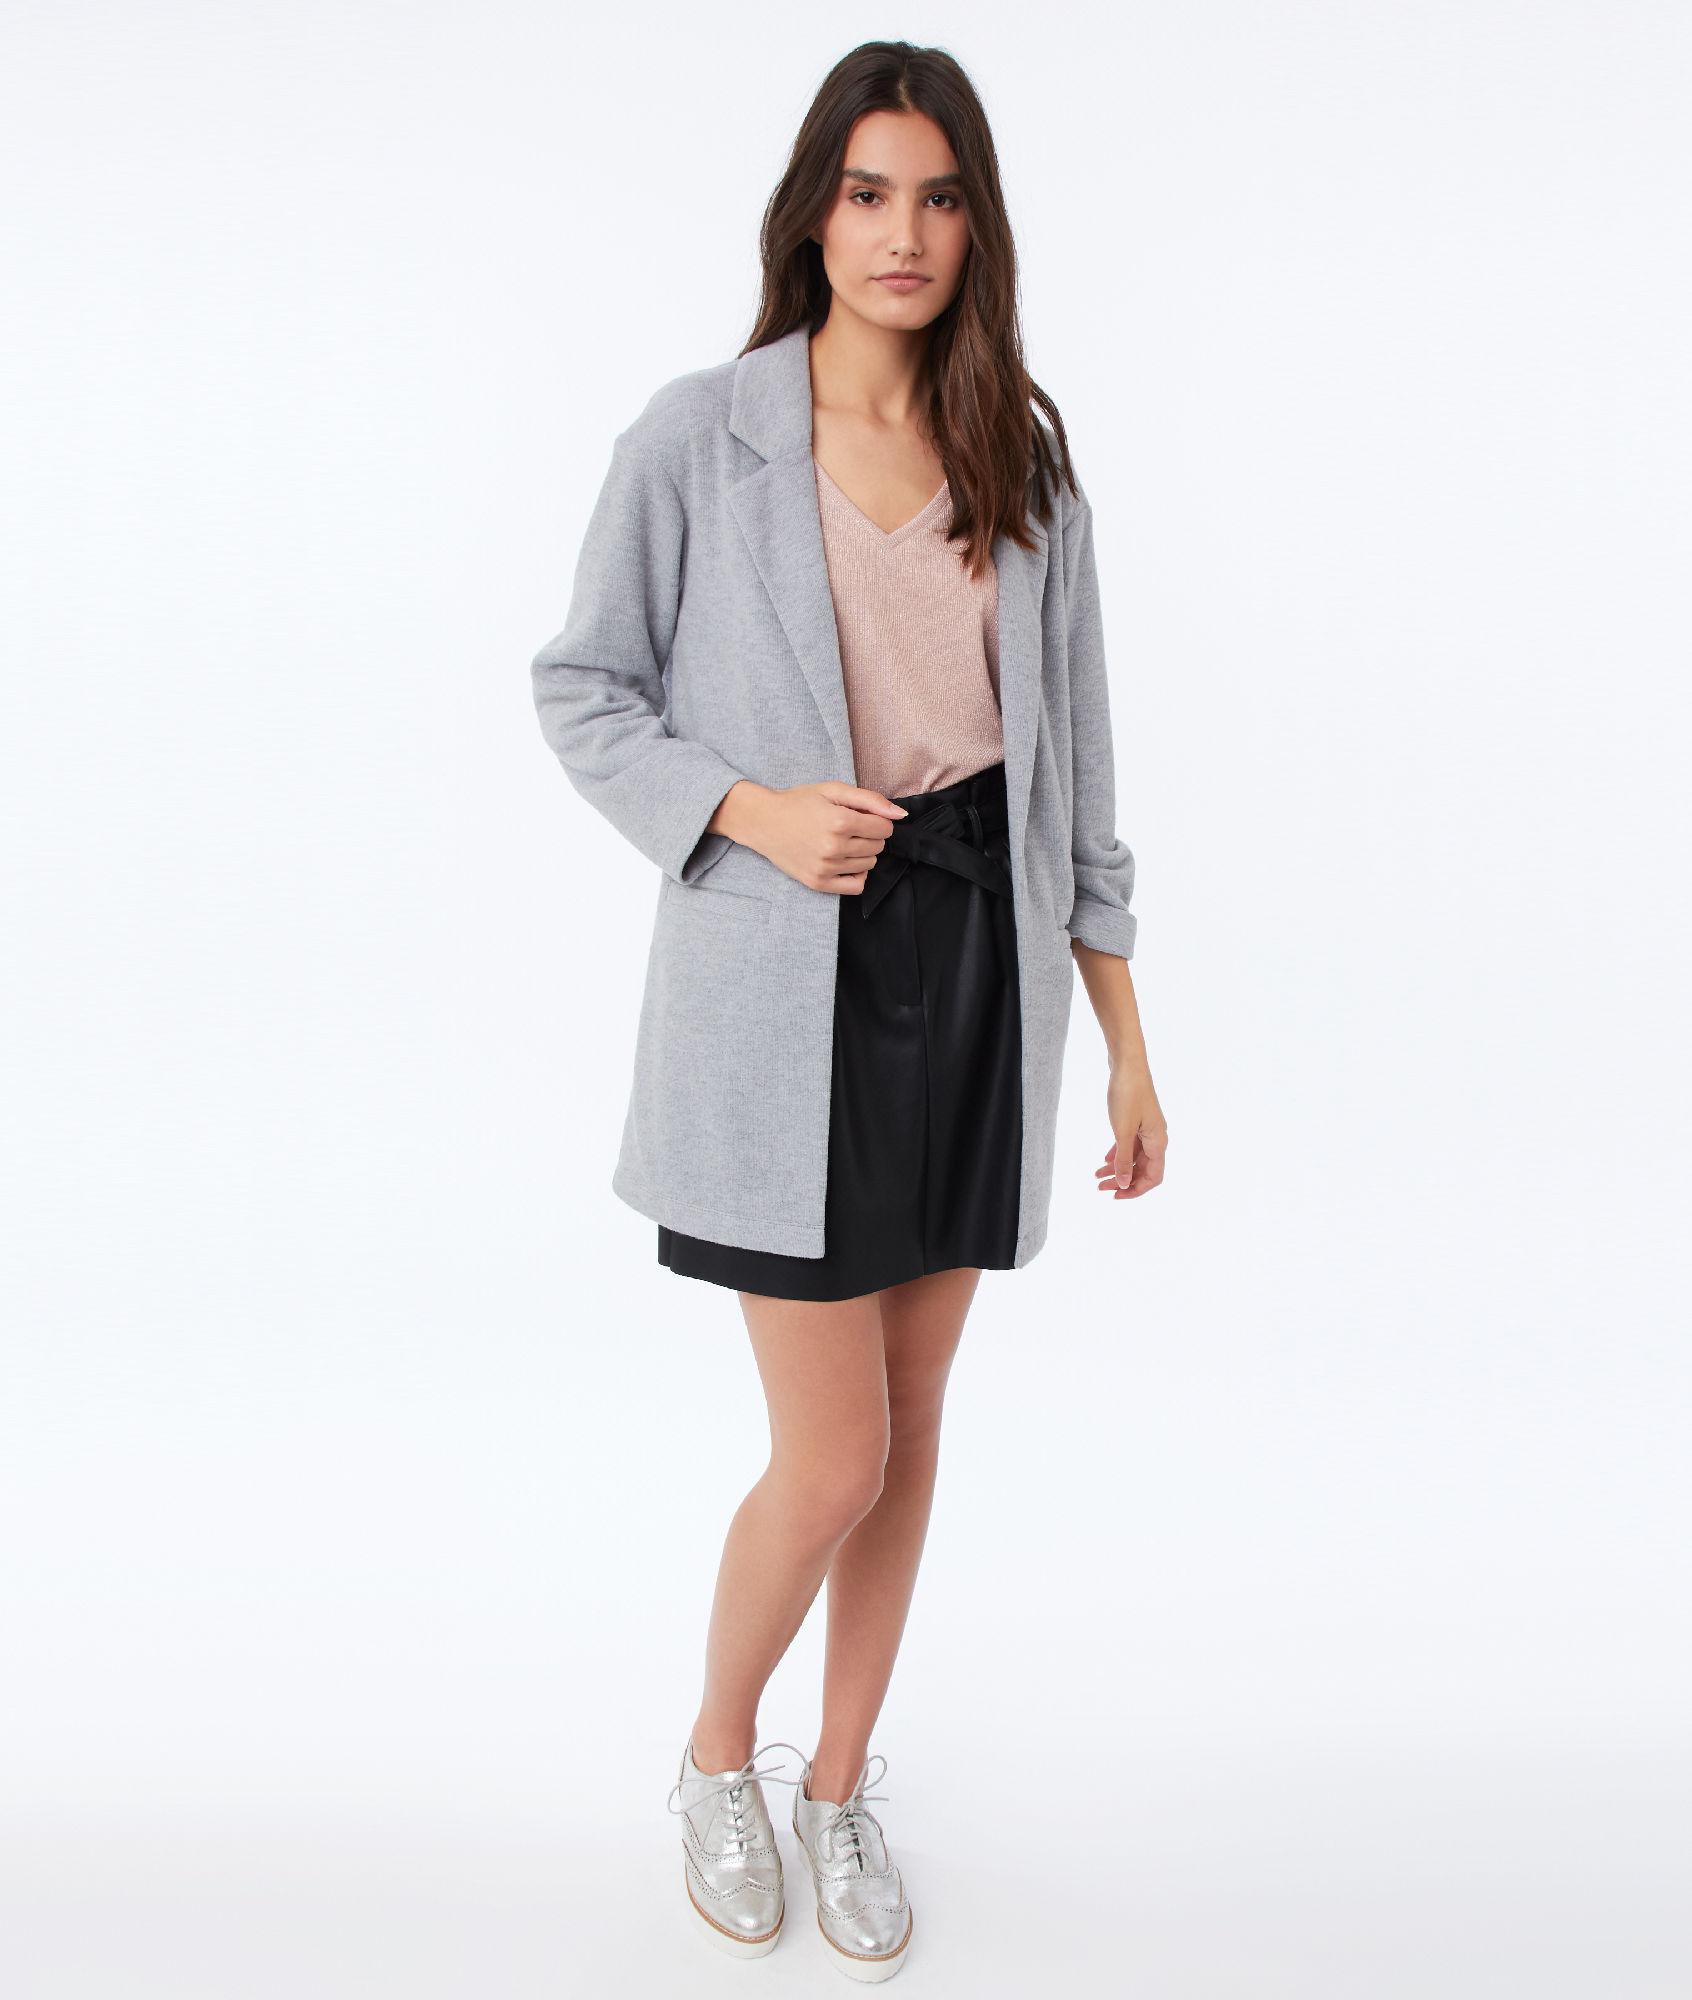 Veste tailleur femme habillee